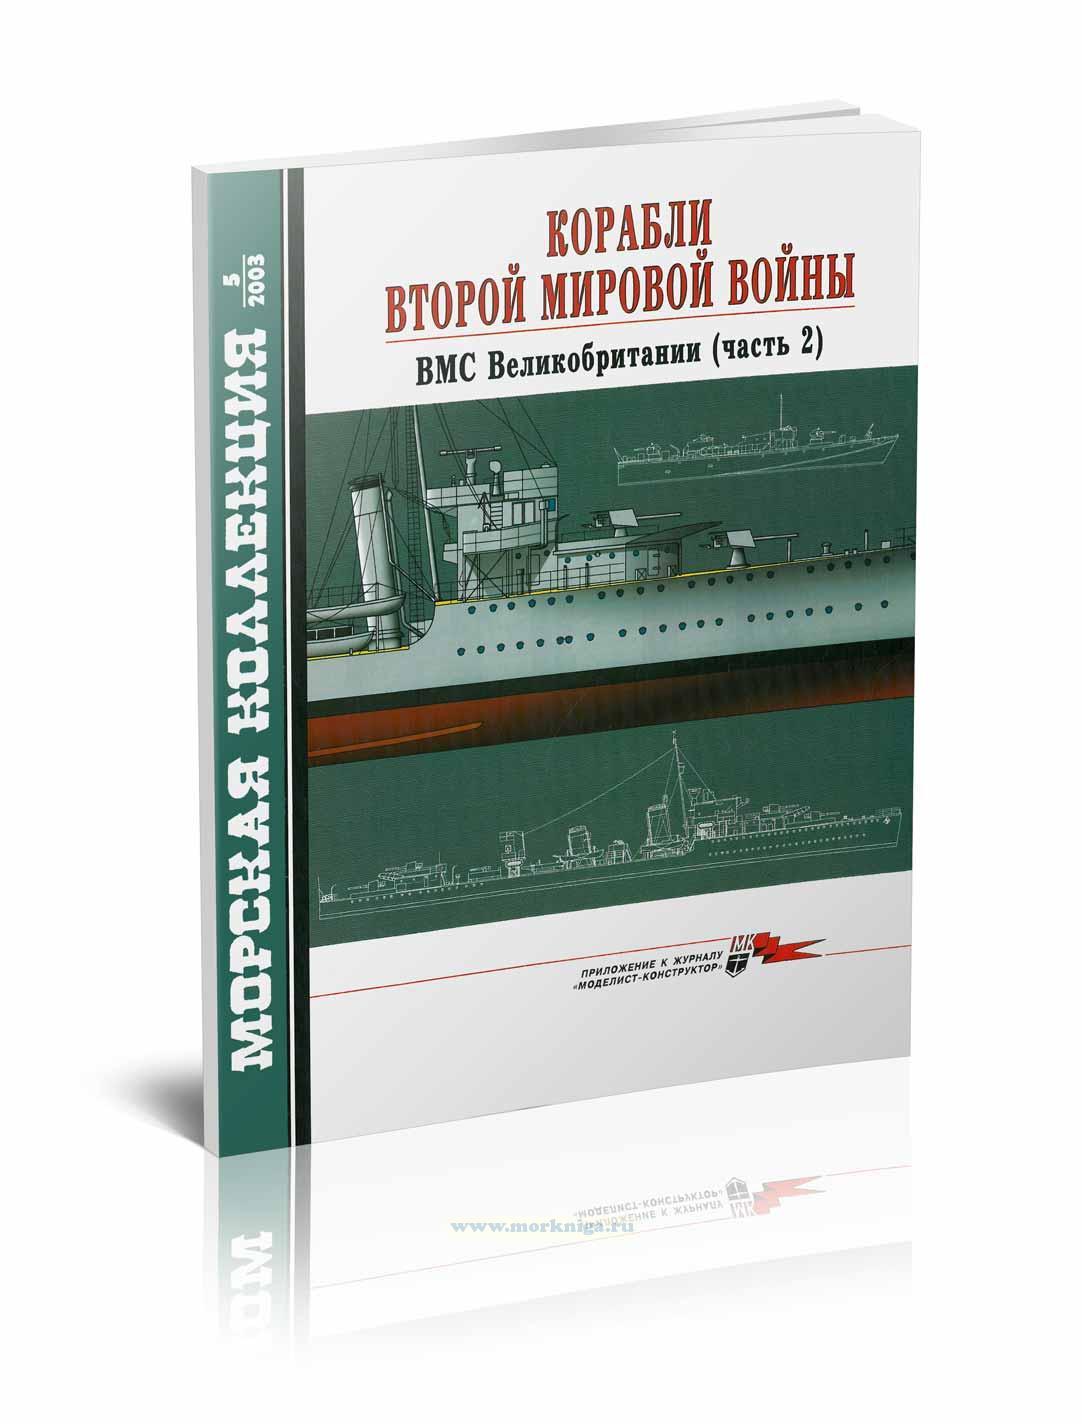 Корабли Второй мировой войны. ВМС Великобритании (часть 2). Морская коллекция №5 (2003)